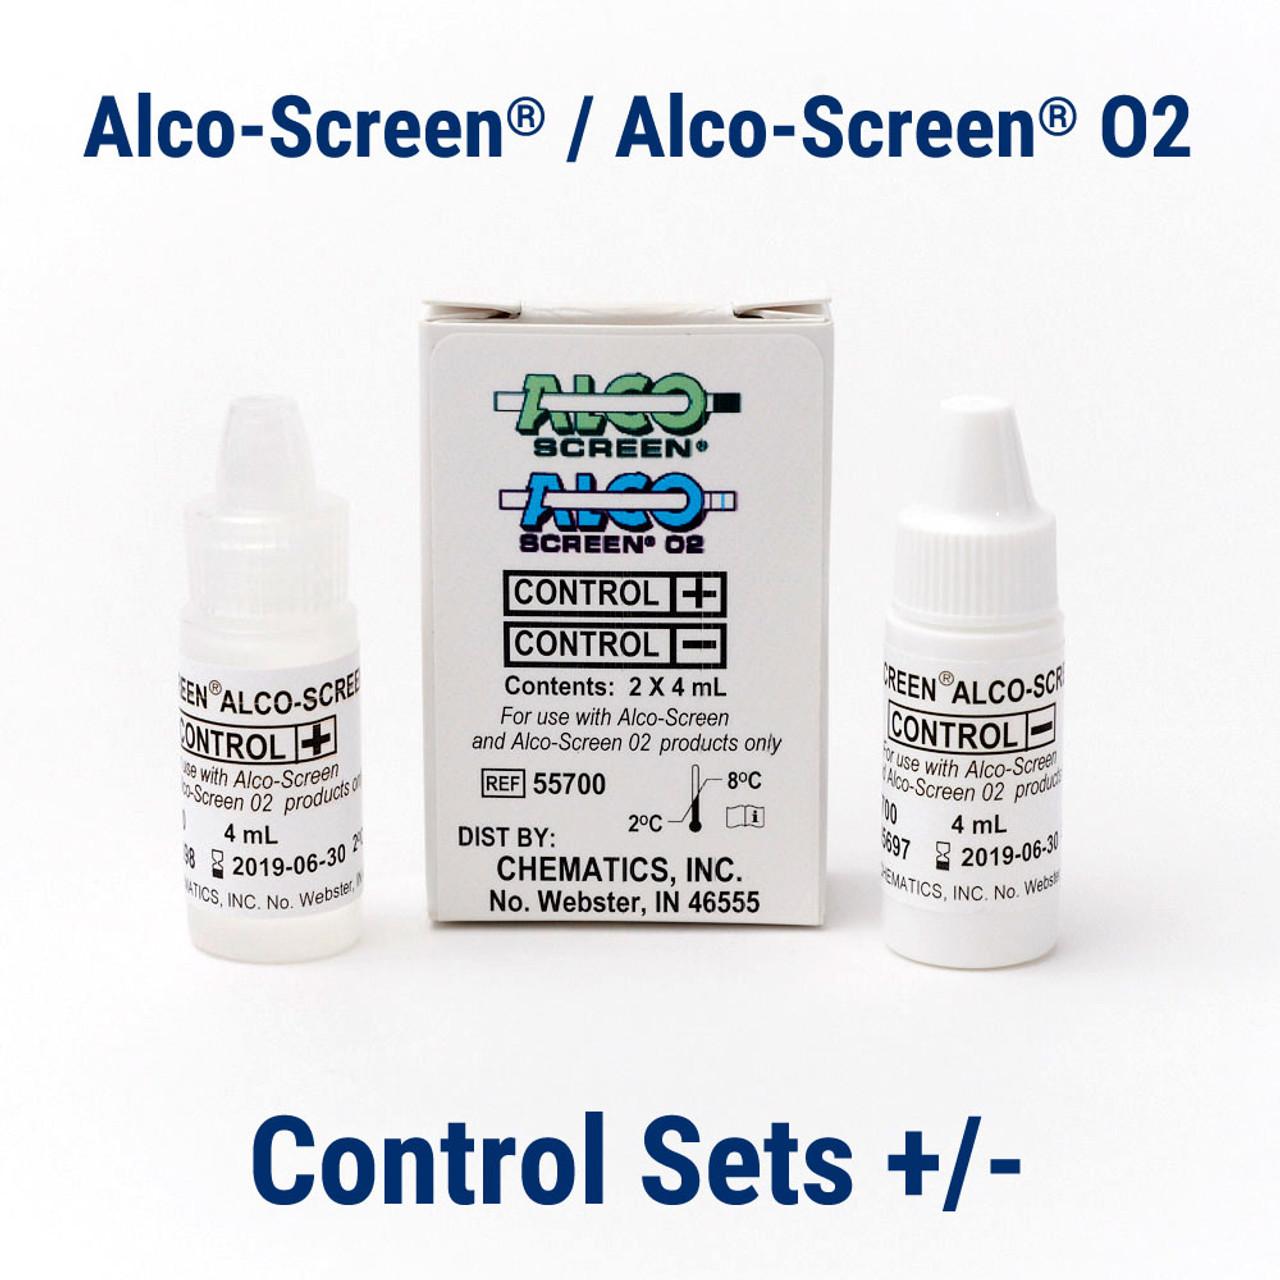 Alco-Screen ALCO 02 Control Set Chematics